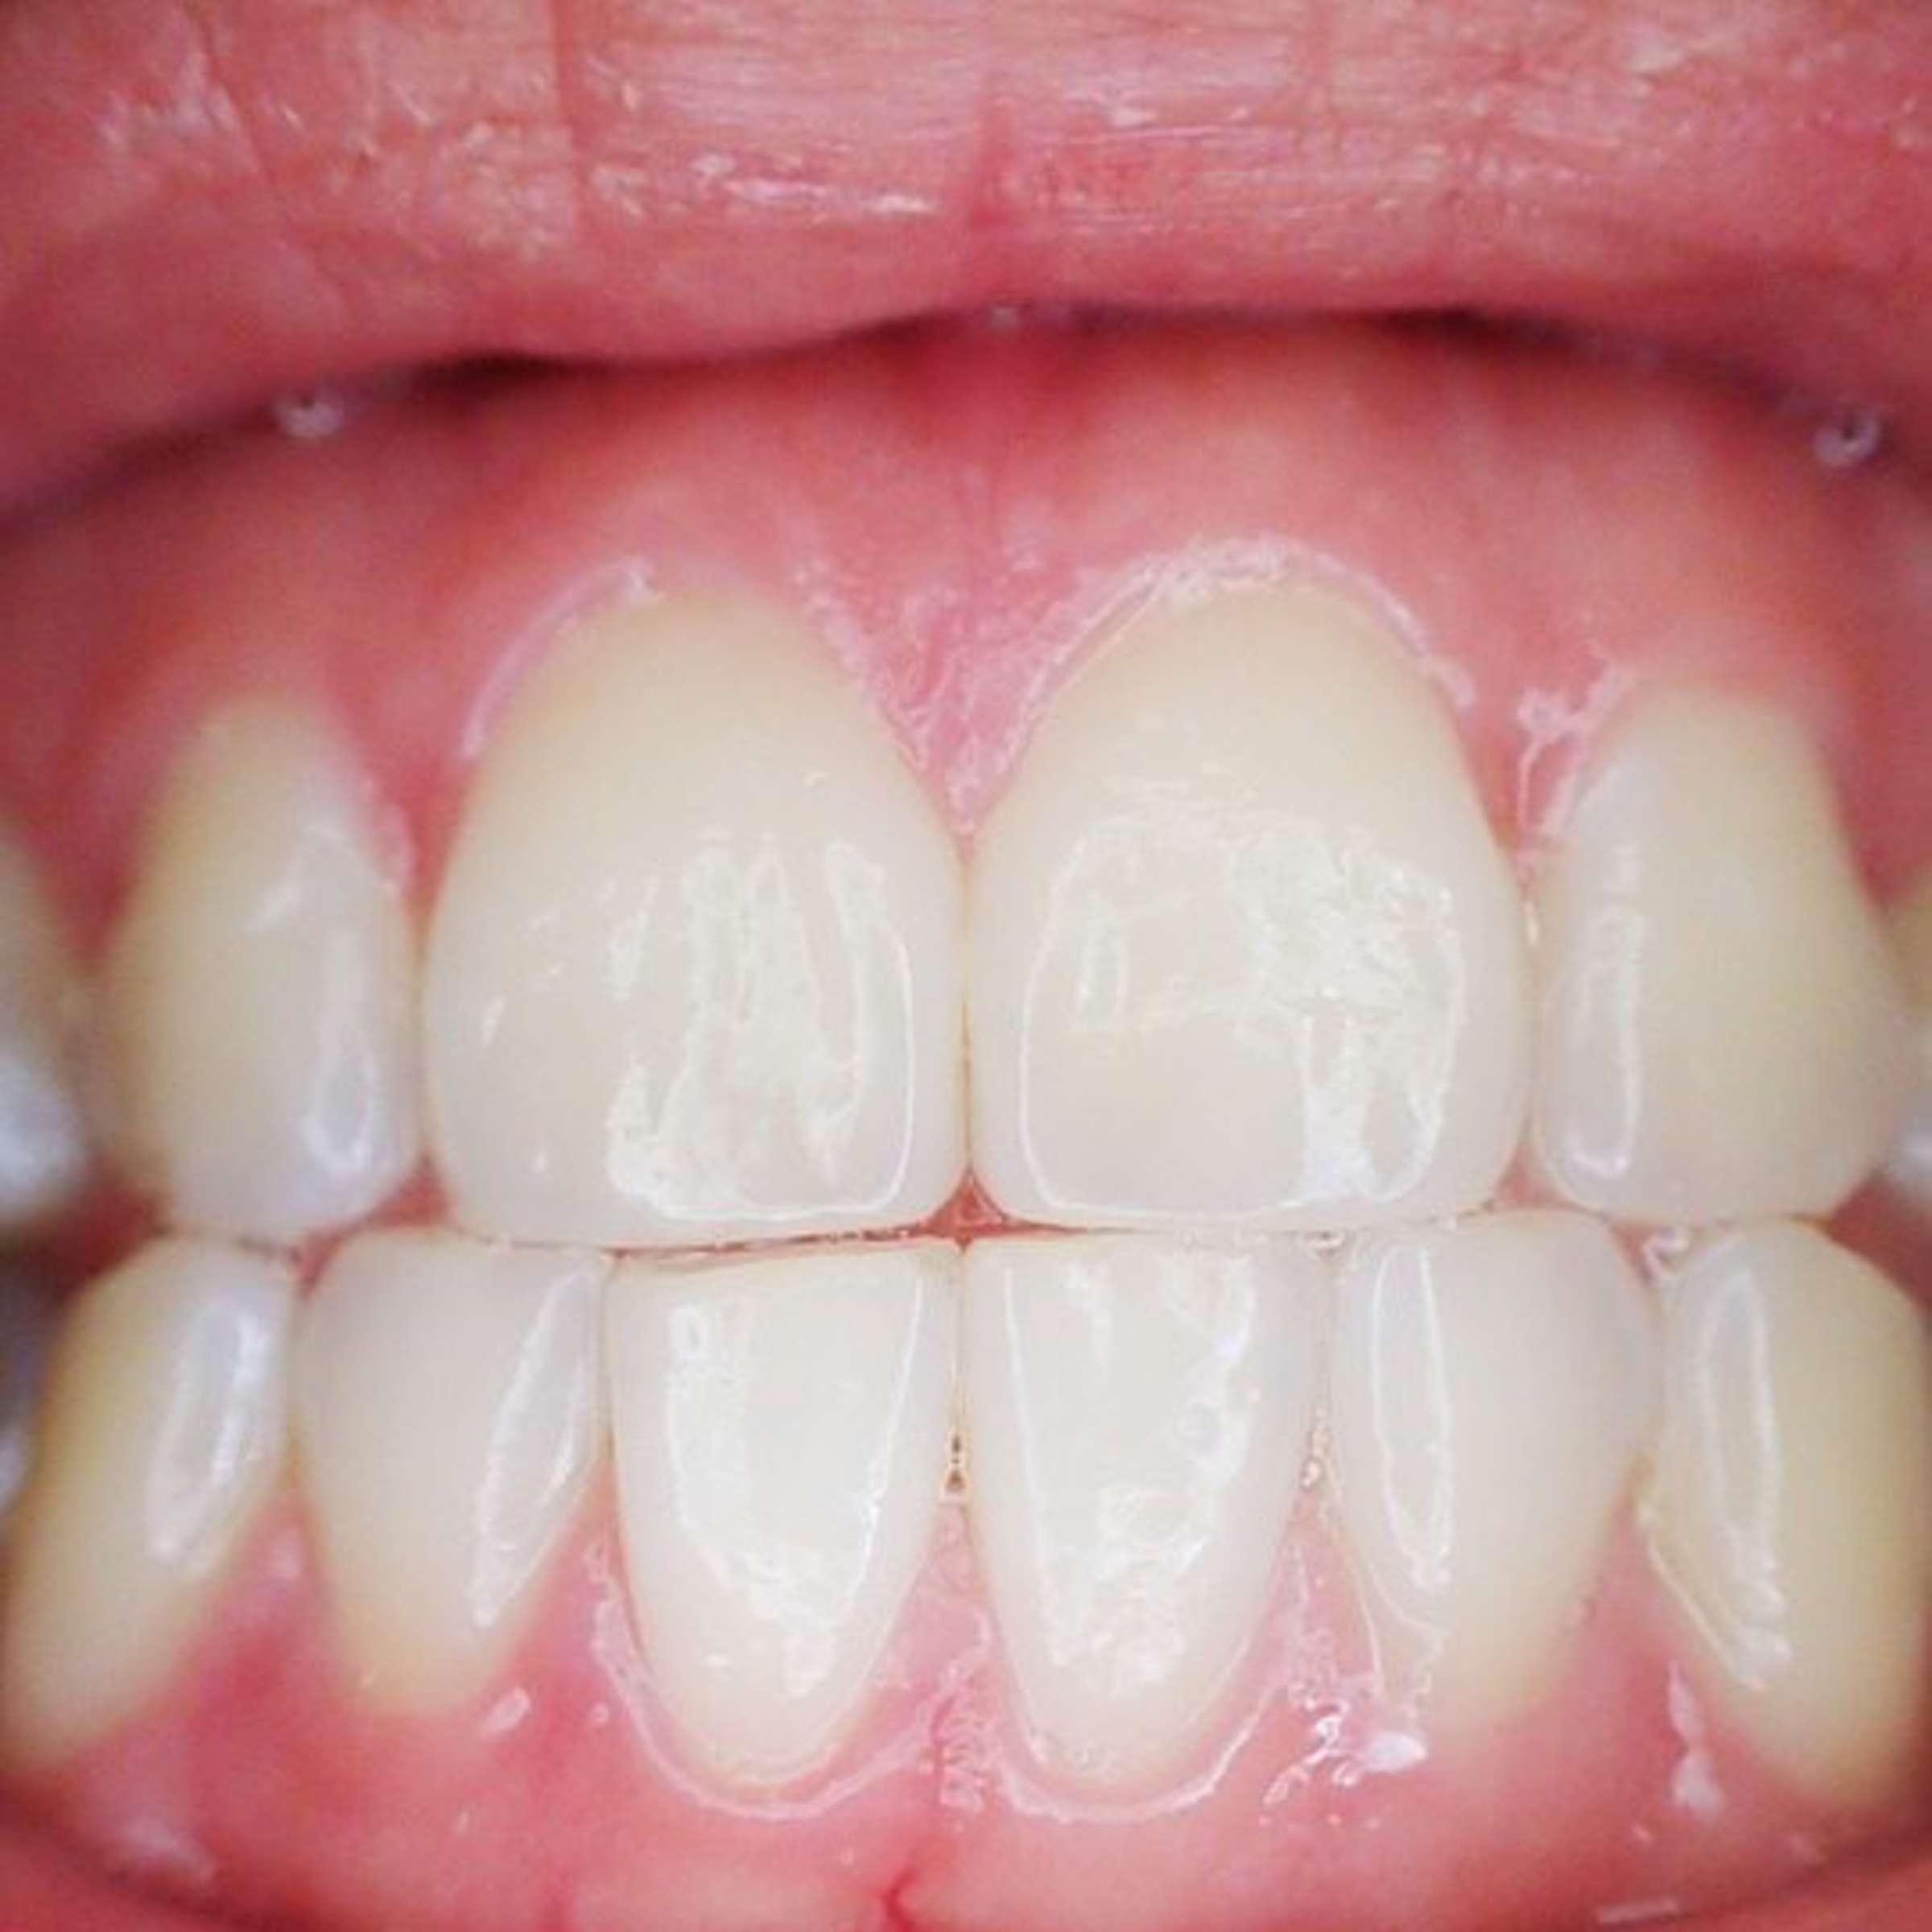 Sich schneidezähne verschieben Zahnkorrektur bei